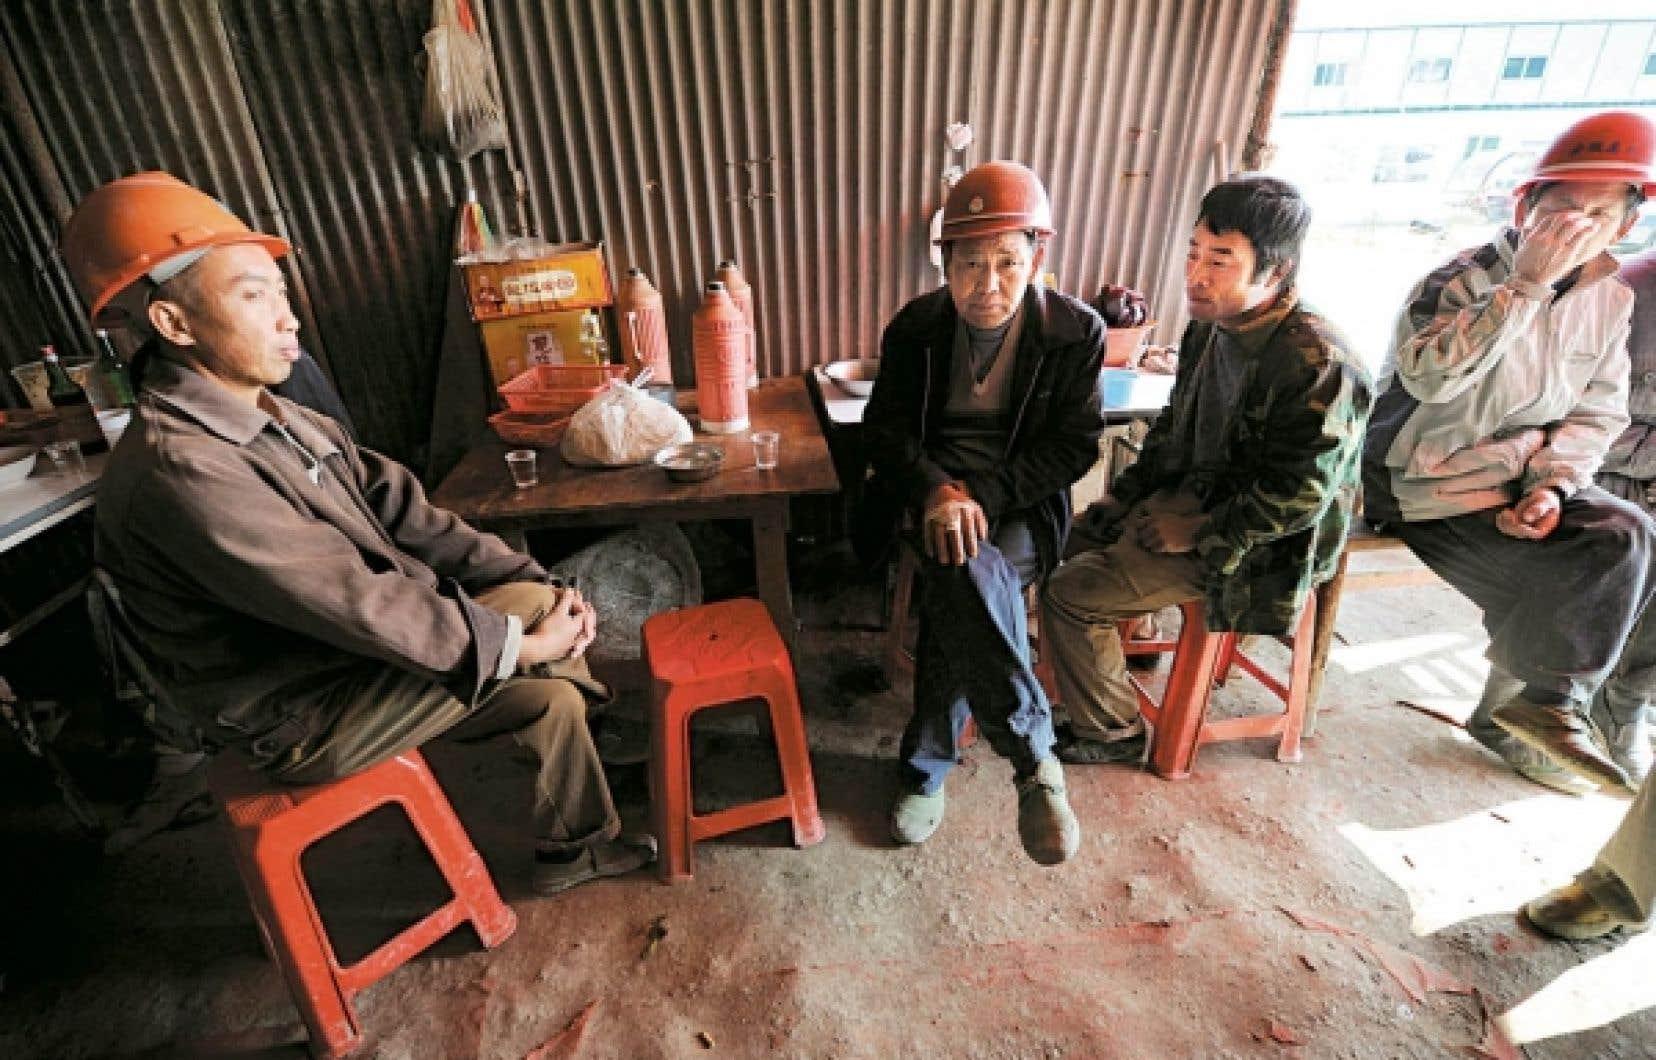 Des travailleurs migrants prennent une pause apr&egrave;s le d&icirc;ner avant de reprendre le boulot.<br />